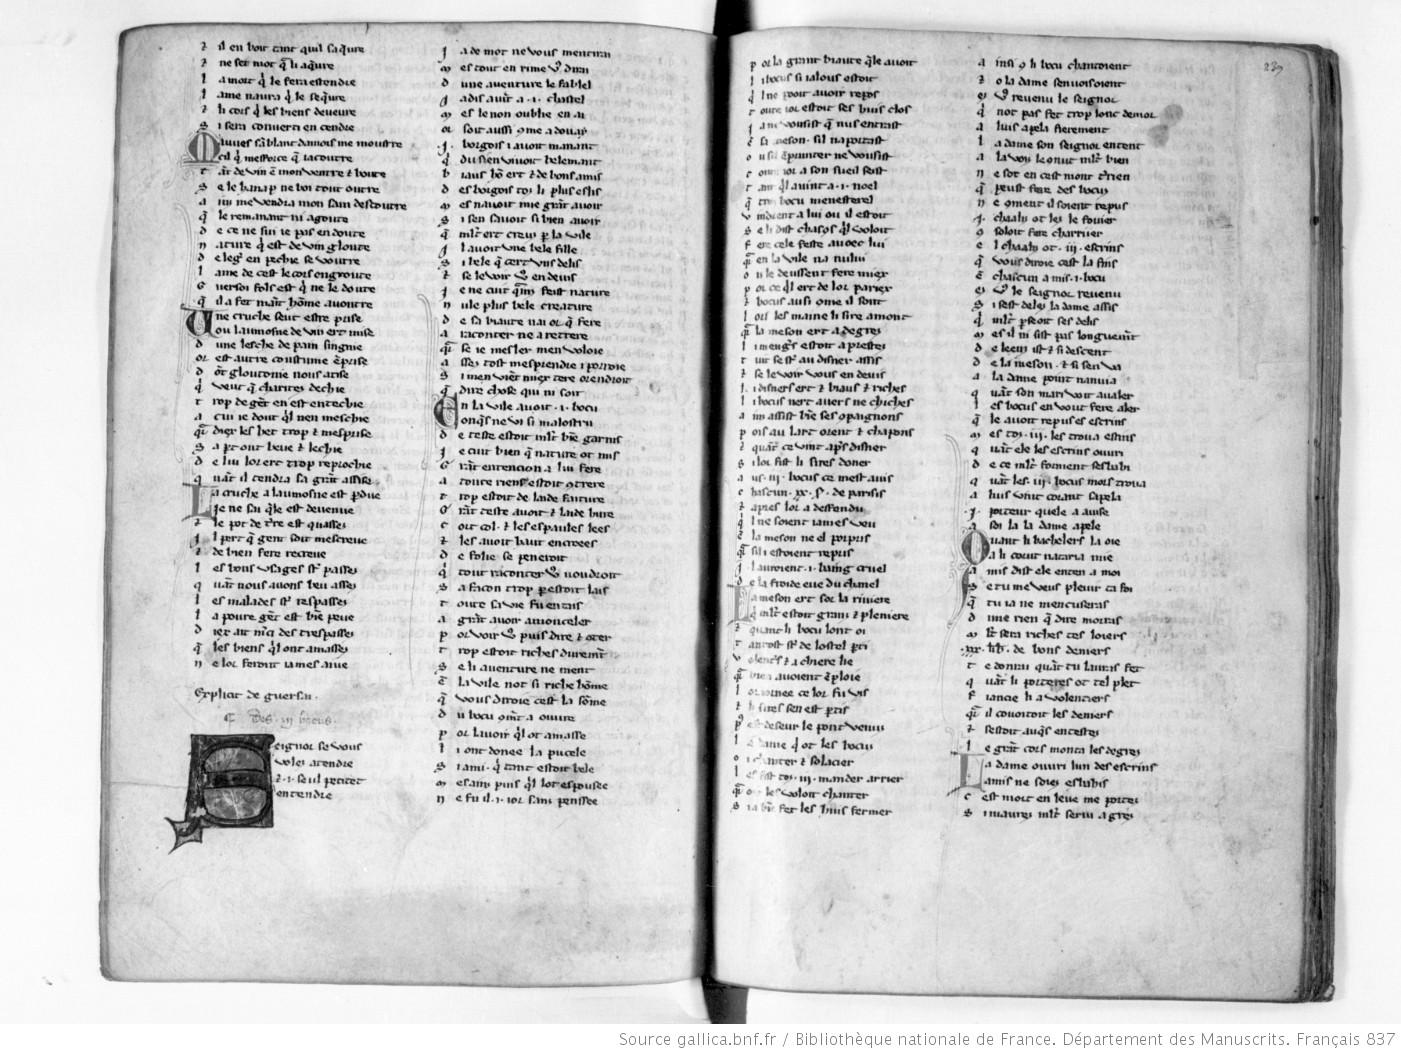 Recueil de fabliaux dits contes en vers for Fabliau definition